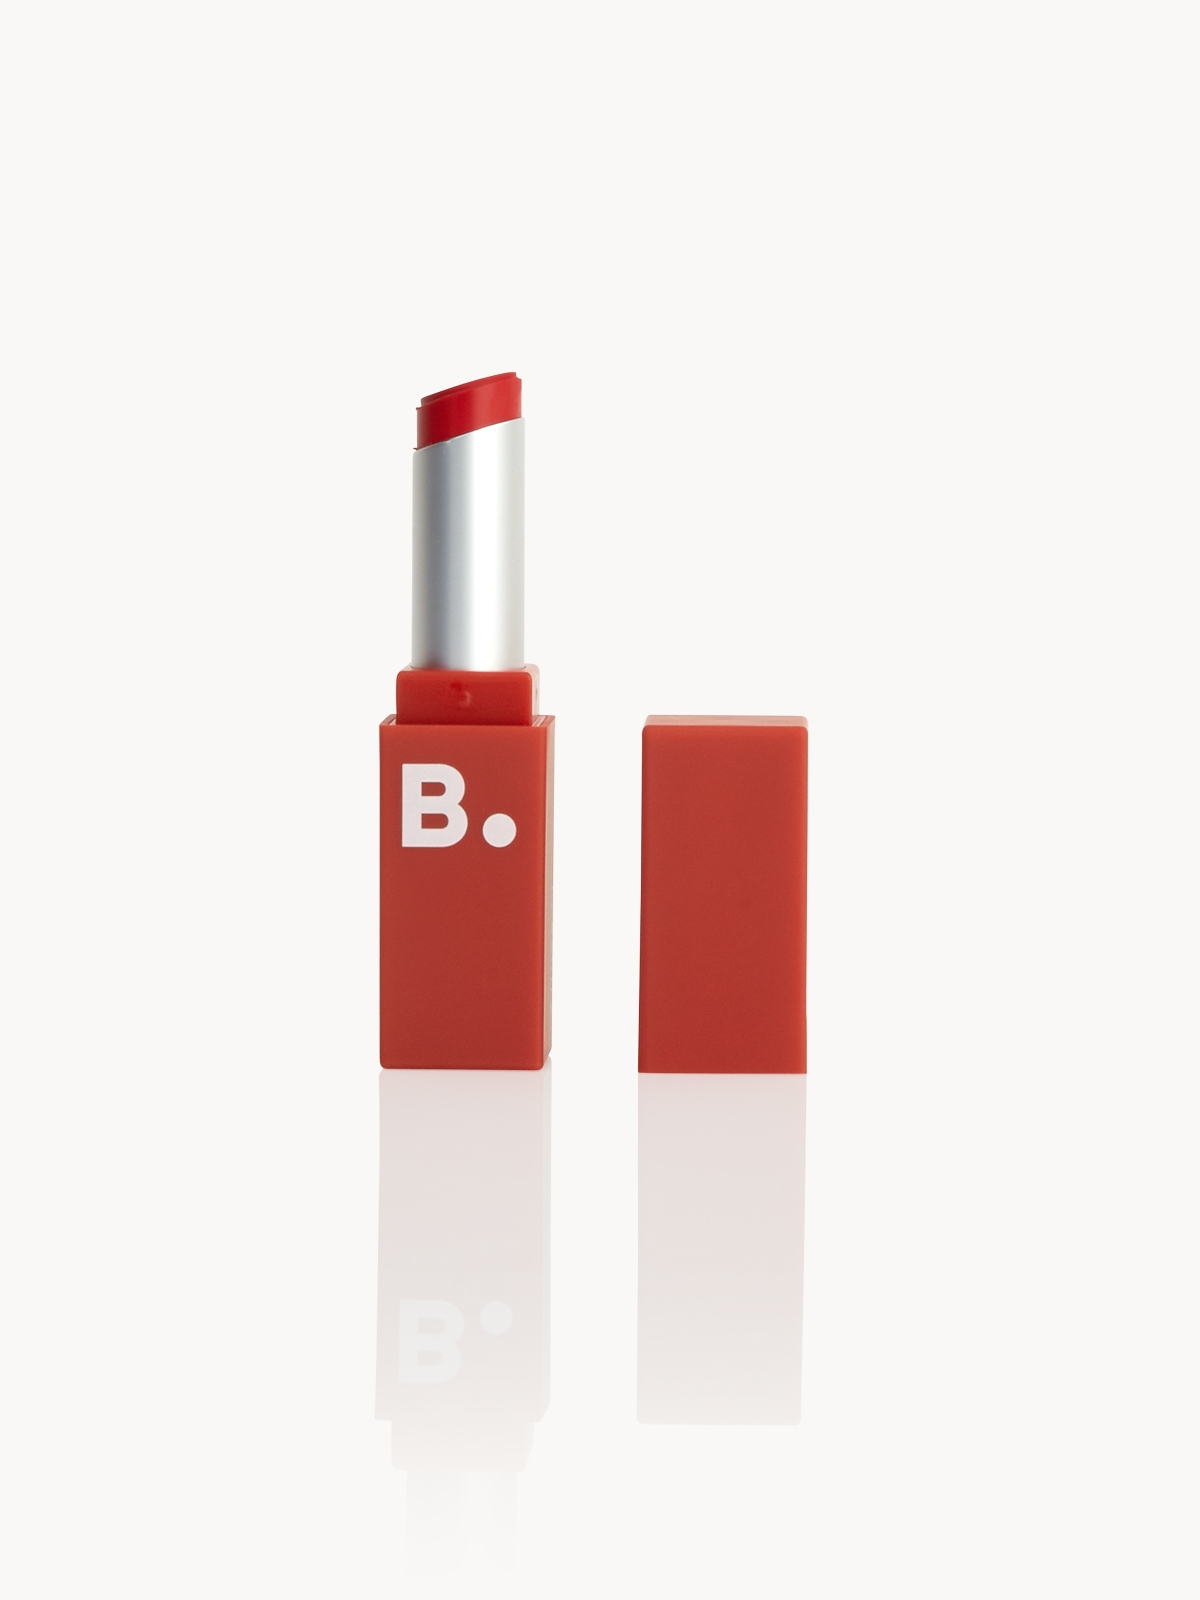 B by BANILA Lipdraw Matte Blast Lipstick CatchYAP